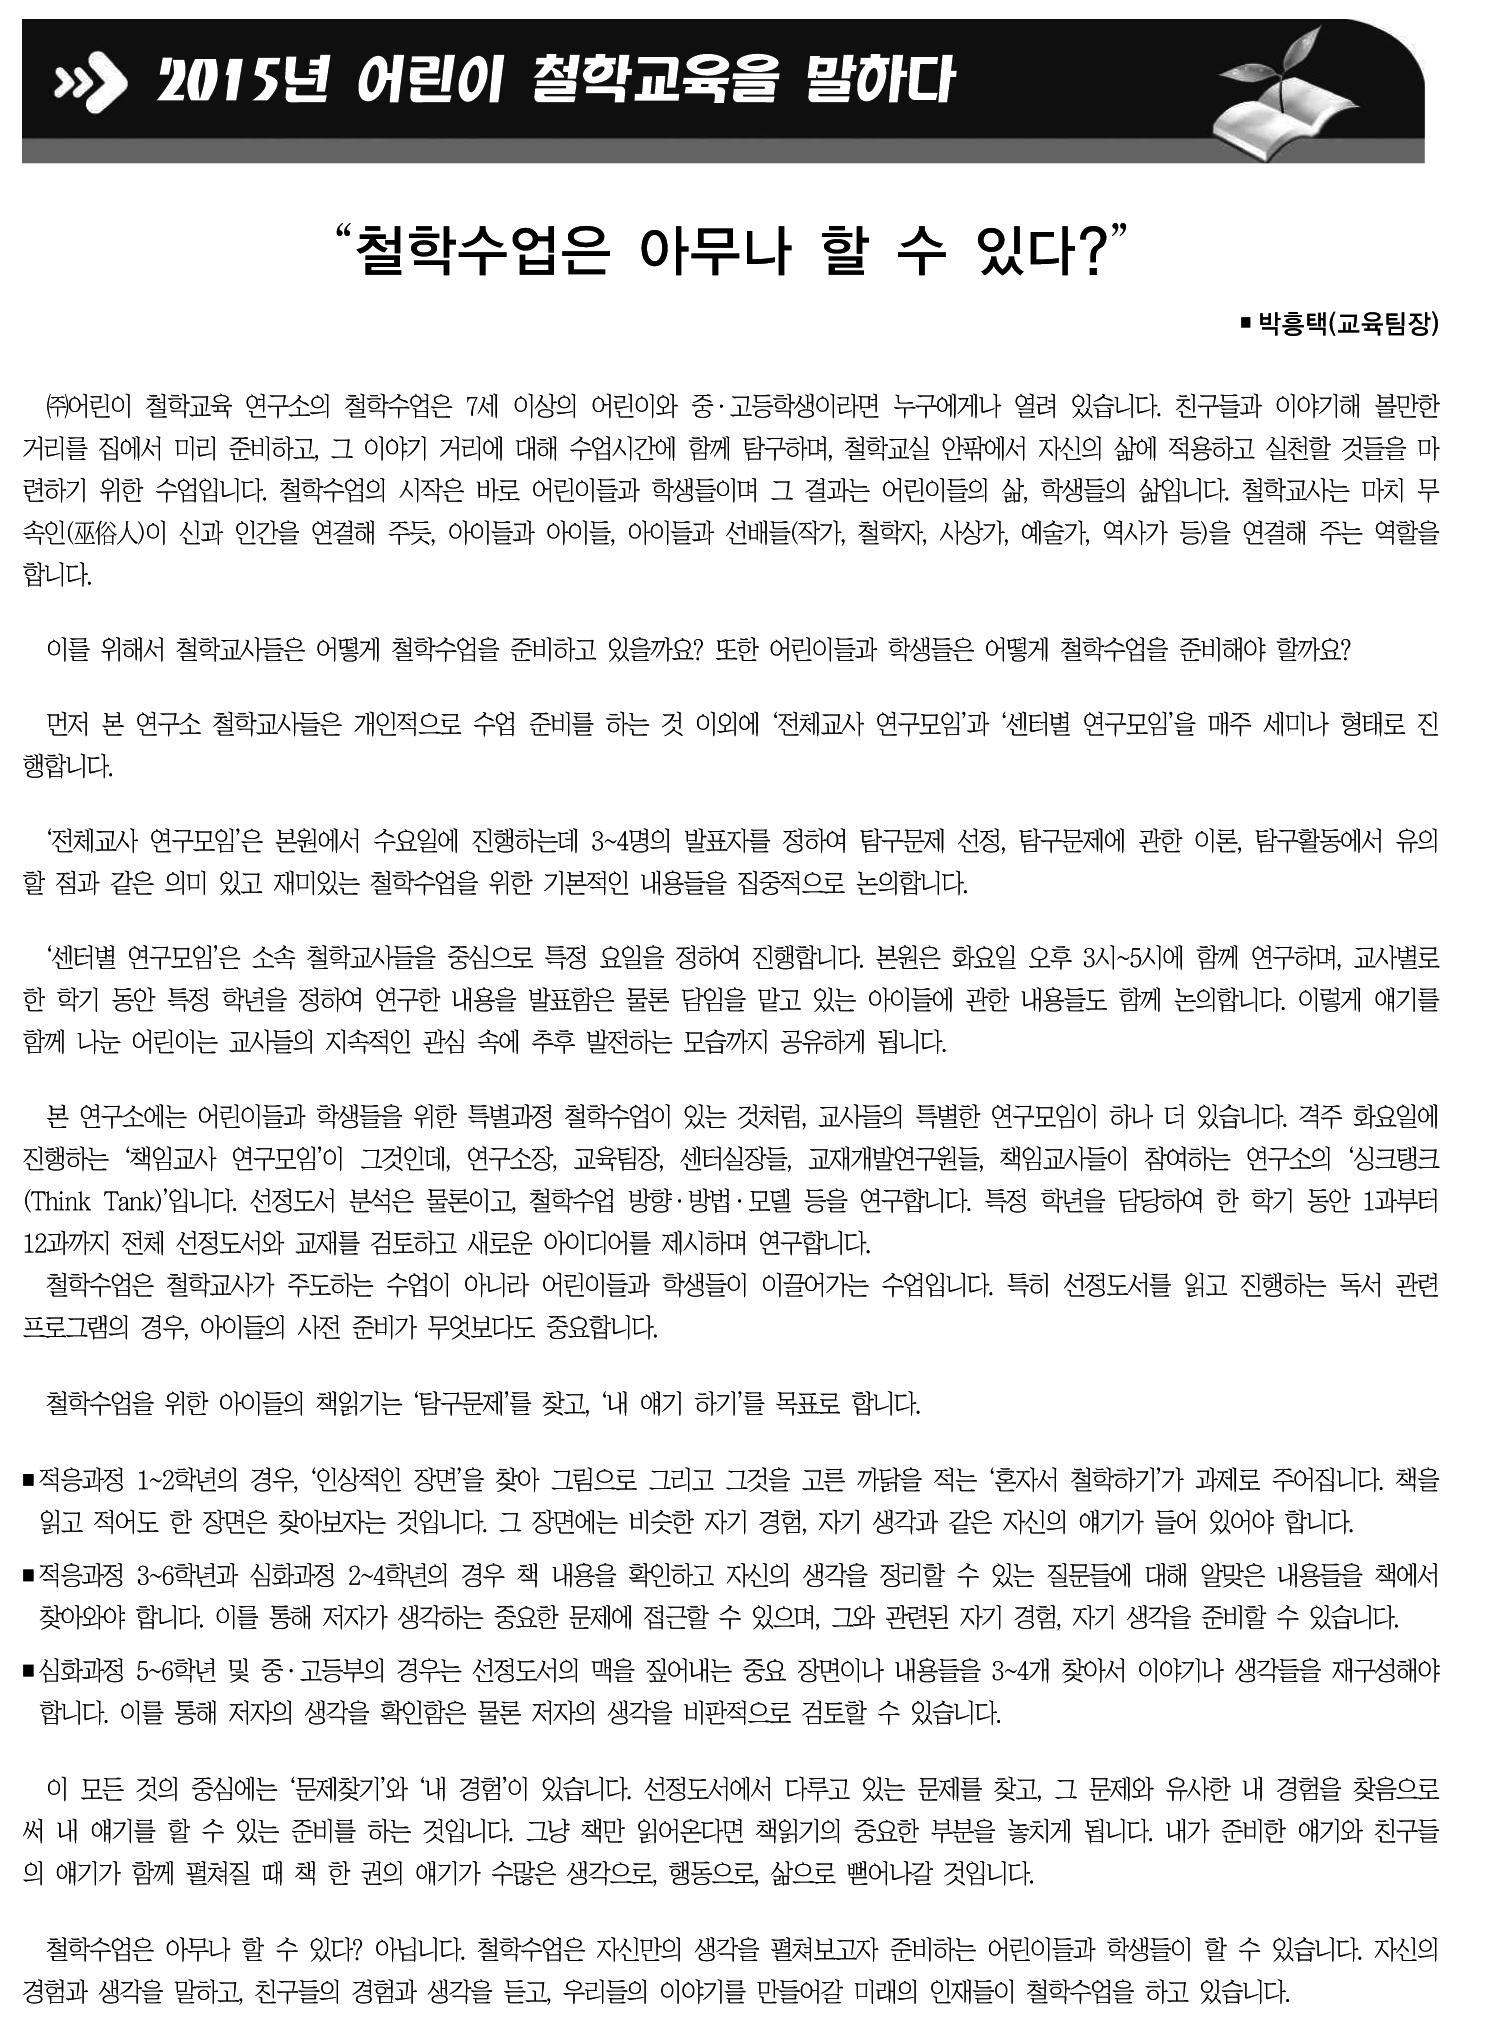 소식지16호(a4)-교육팀장님글.jpg